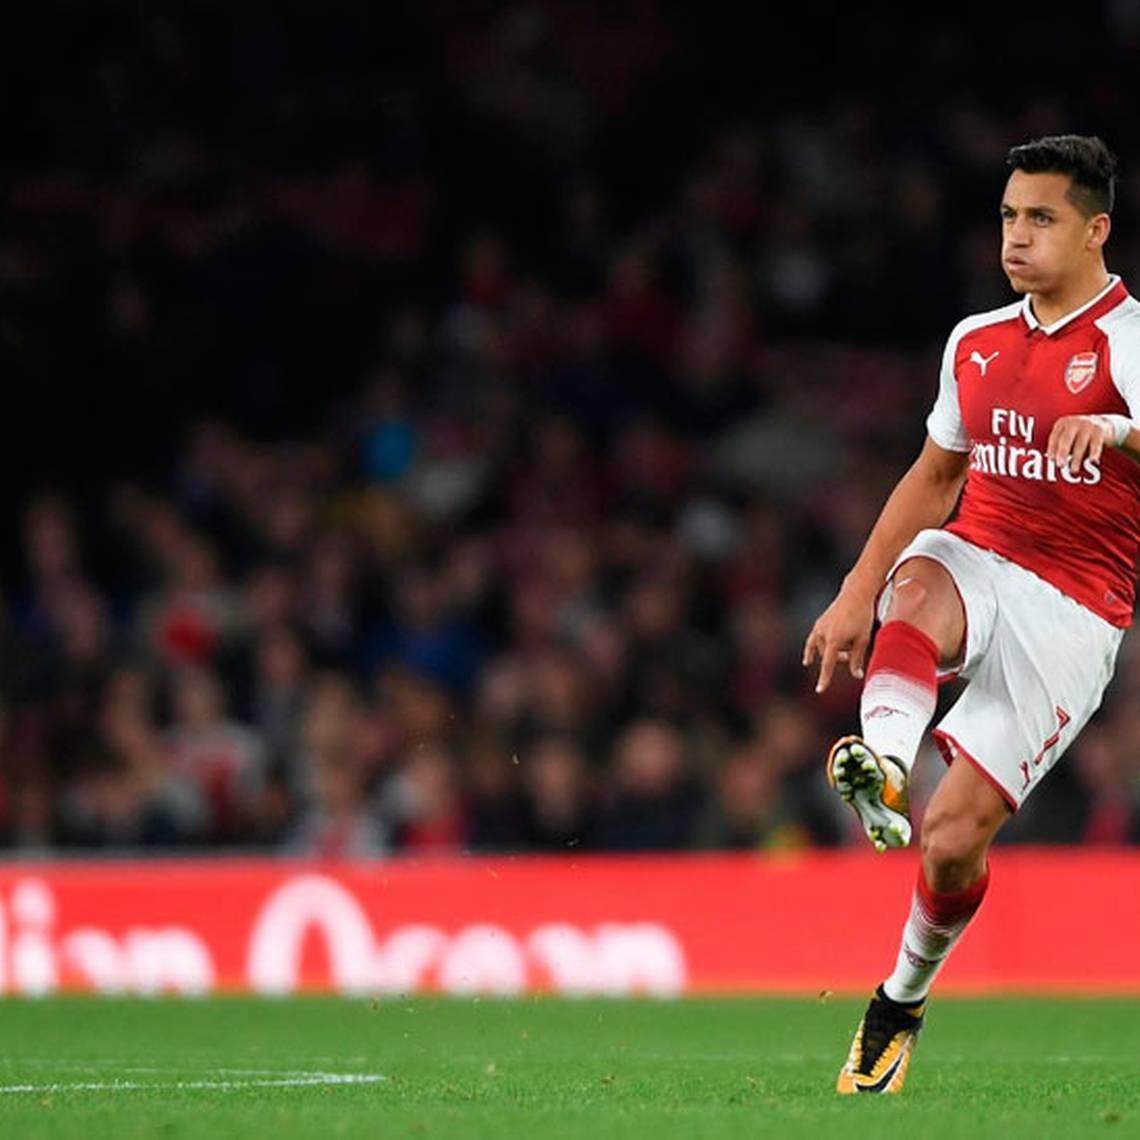 Alexis Sánchez deslumbra con sus lujos en victoria del Arsenal